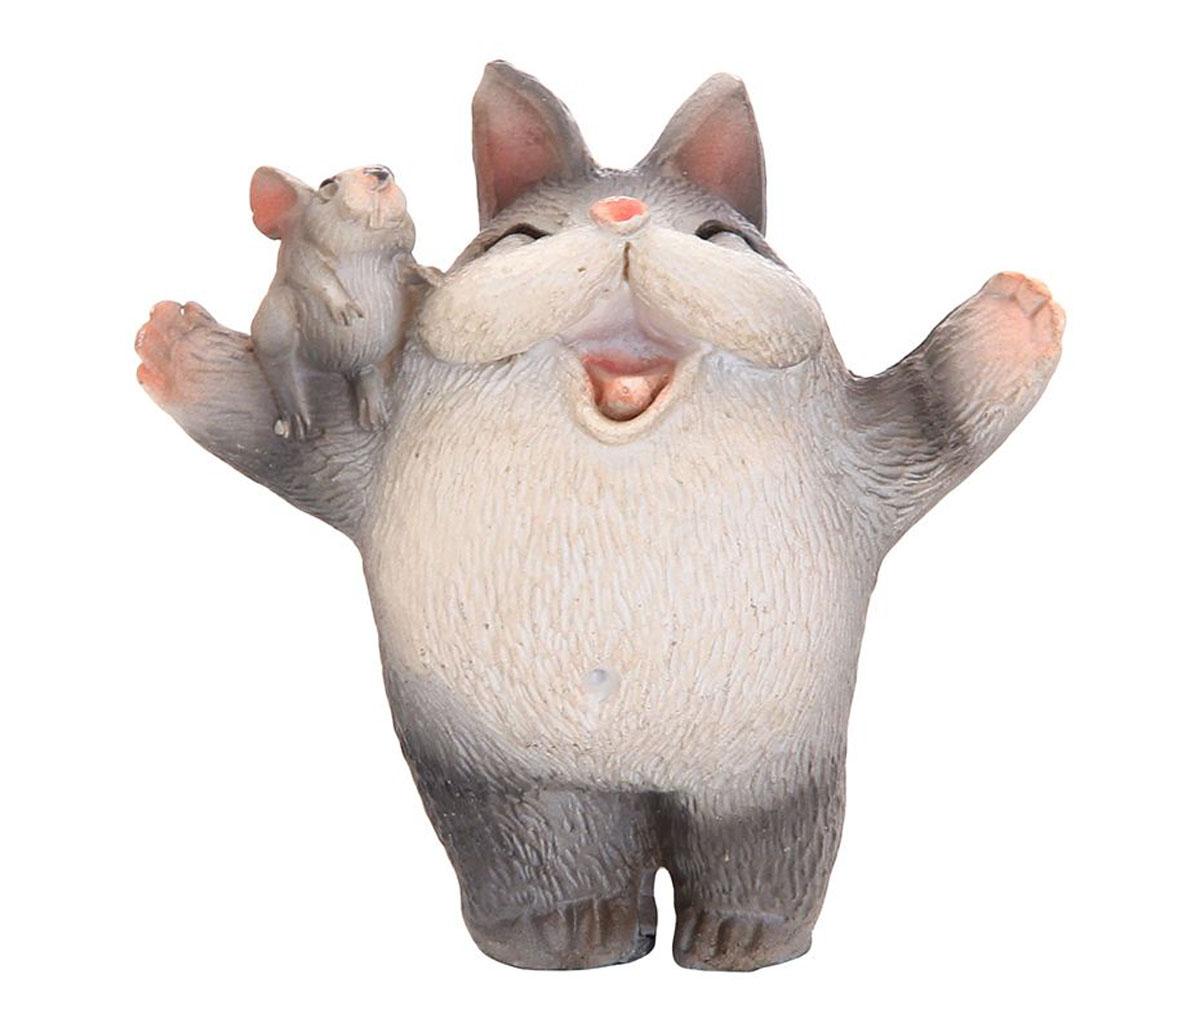 Фигурка декоративная Elan Gallery Эйфория, высота 5,5 см фигурки elan gallery фигурка декоративная кот почтальон